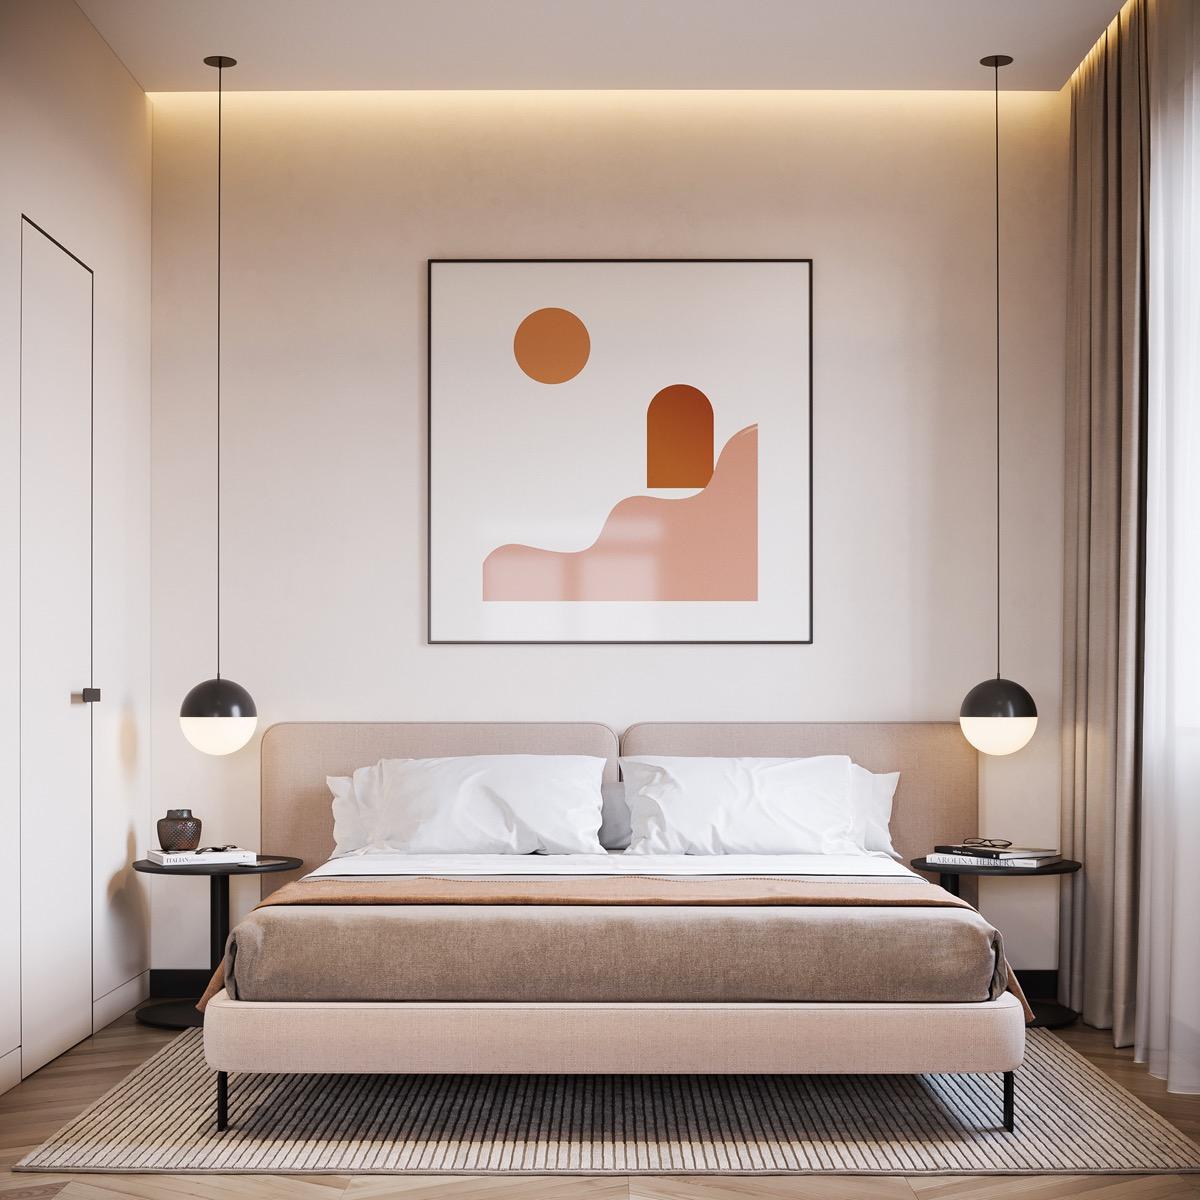 hình ảnh phòng ngủ màu sáng đẹp, tranh treo đầu giường có họa tiết màu cam